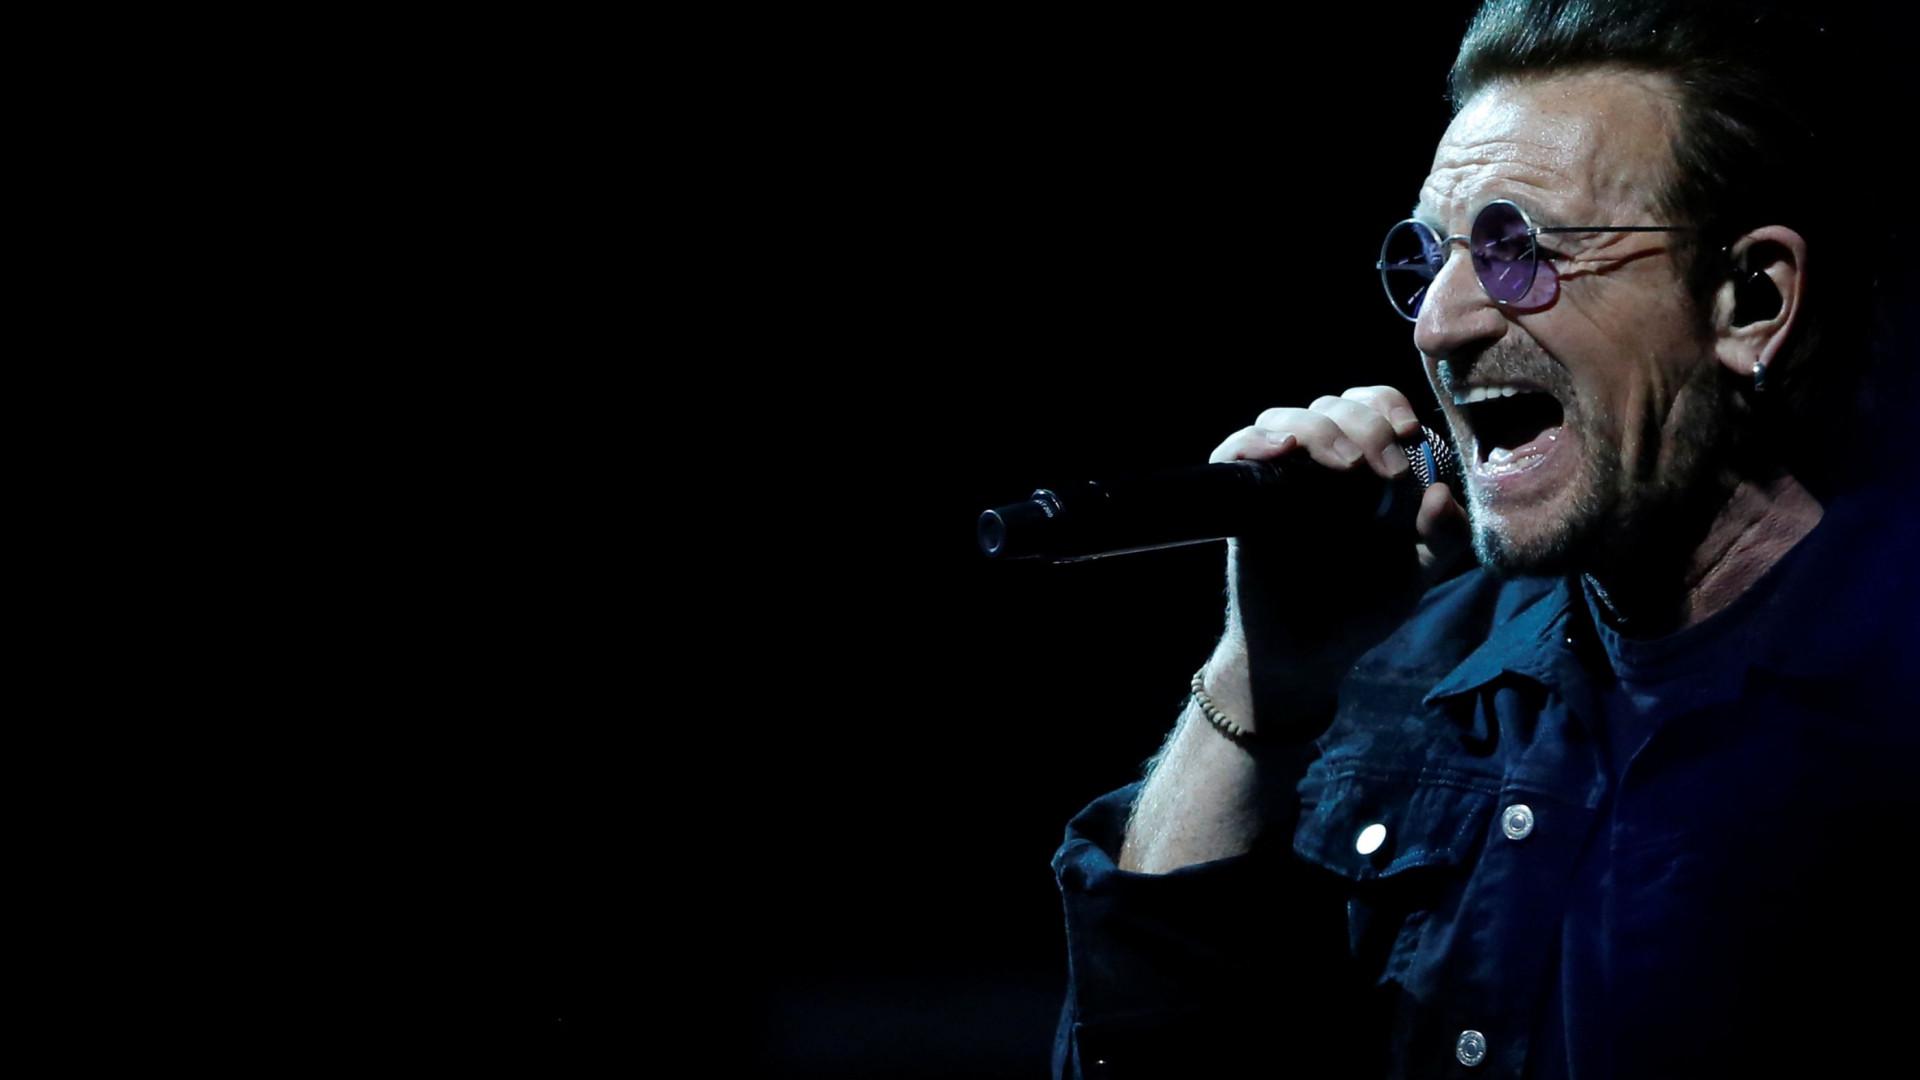 Mais bilhetes colocados à venda para concerto dos U2 em Lisboa